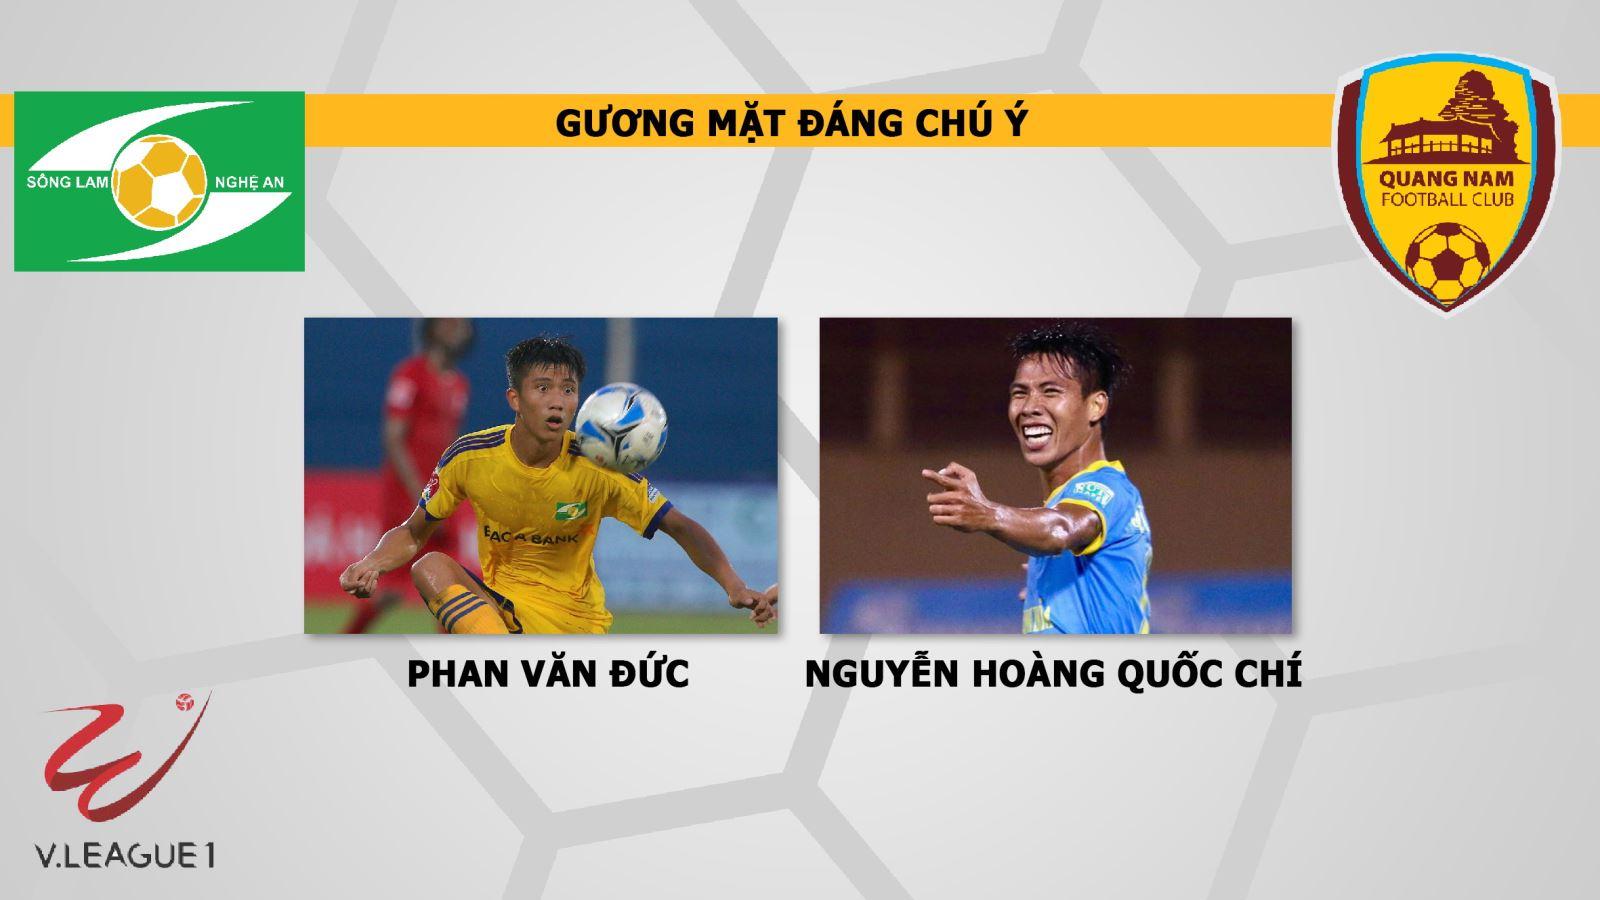 Kèo bóng đá, Soi kèo SLNA vs Quảng Nam, kèo SLNA vs Quảng Nam, kèo SLNA Quảng Nam, kèo SLNA, trực tiếp bóng đá, trực tiếp SLNA vs Quảng Nam, truc tiep bong da